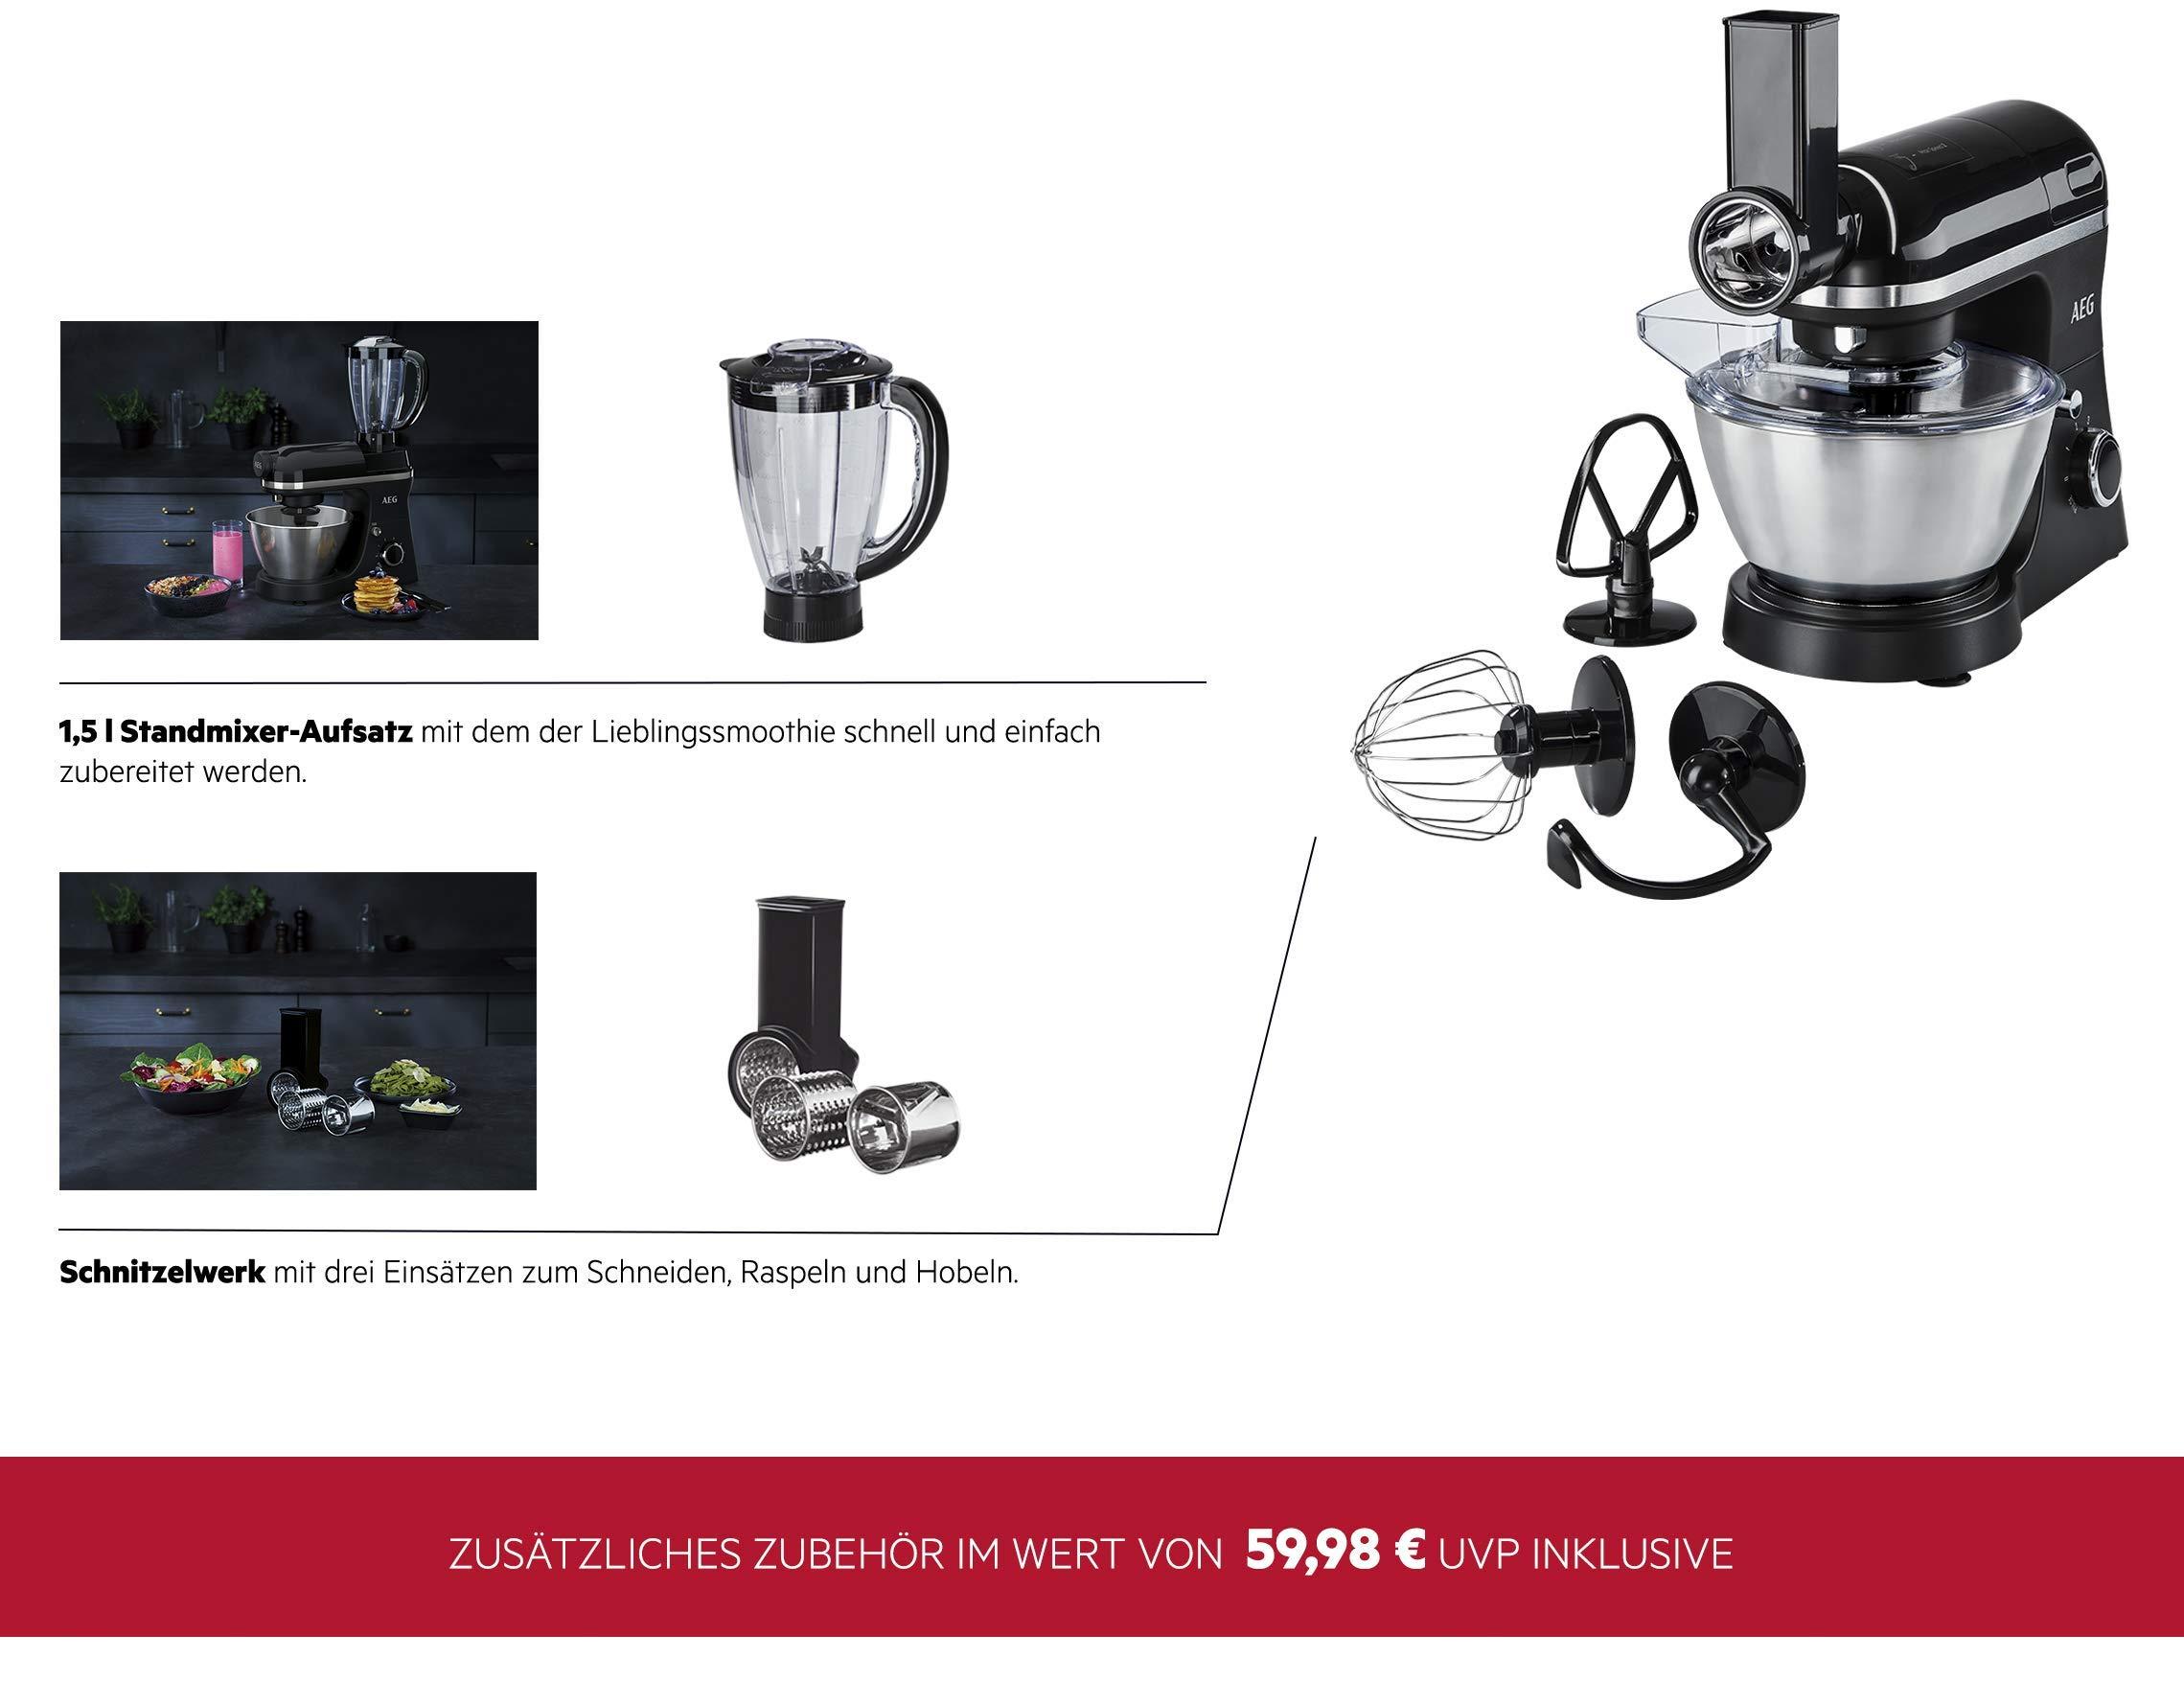 AEG-Kchenmaschine-3Series-inkl-Standmixer-Aufsatz